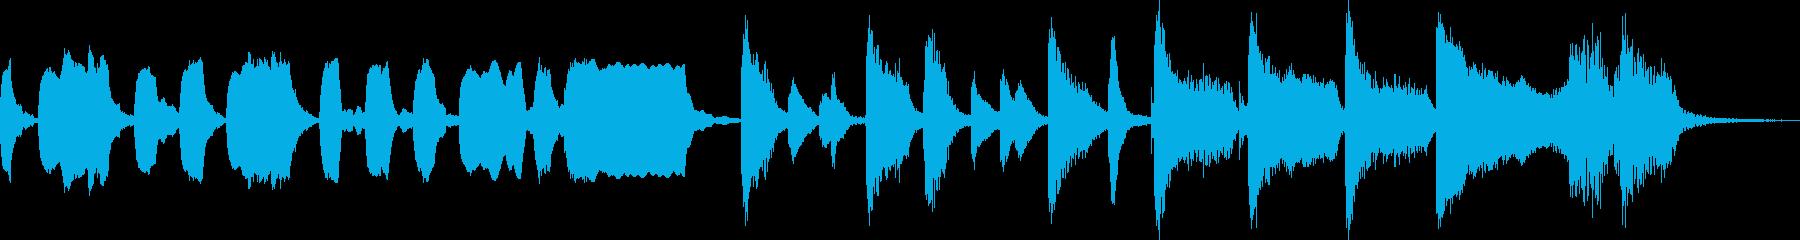 童謡「春が来た」のジャズ風アレンジの再生済みの波形